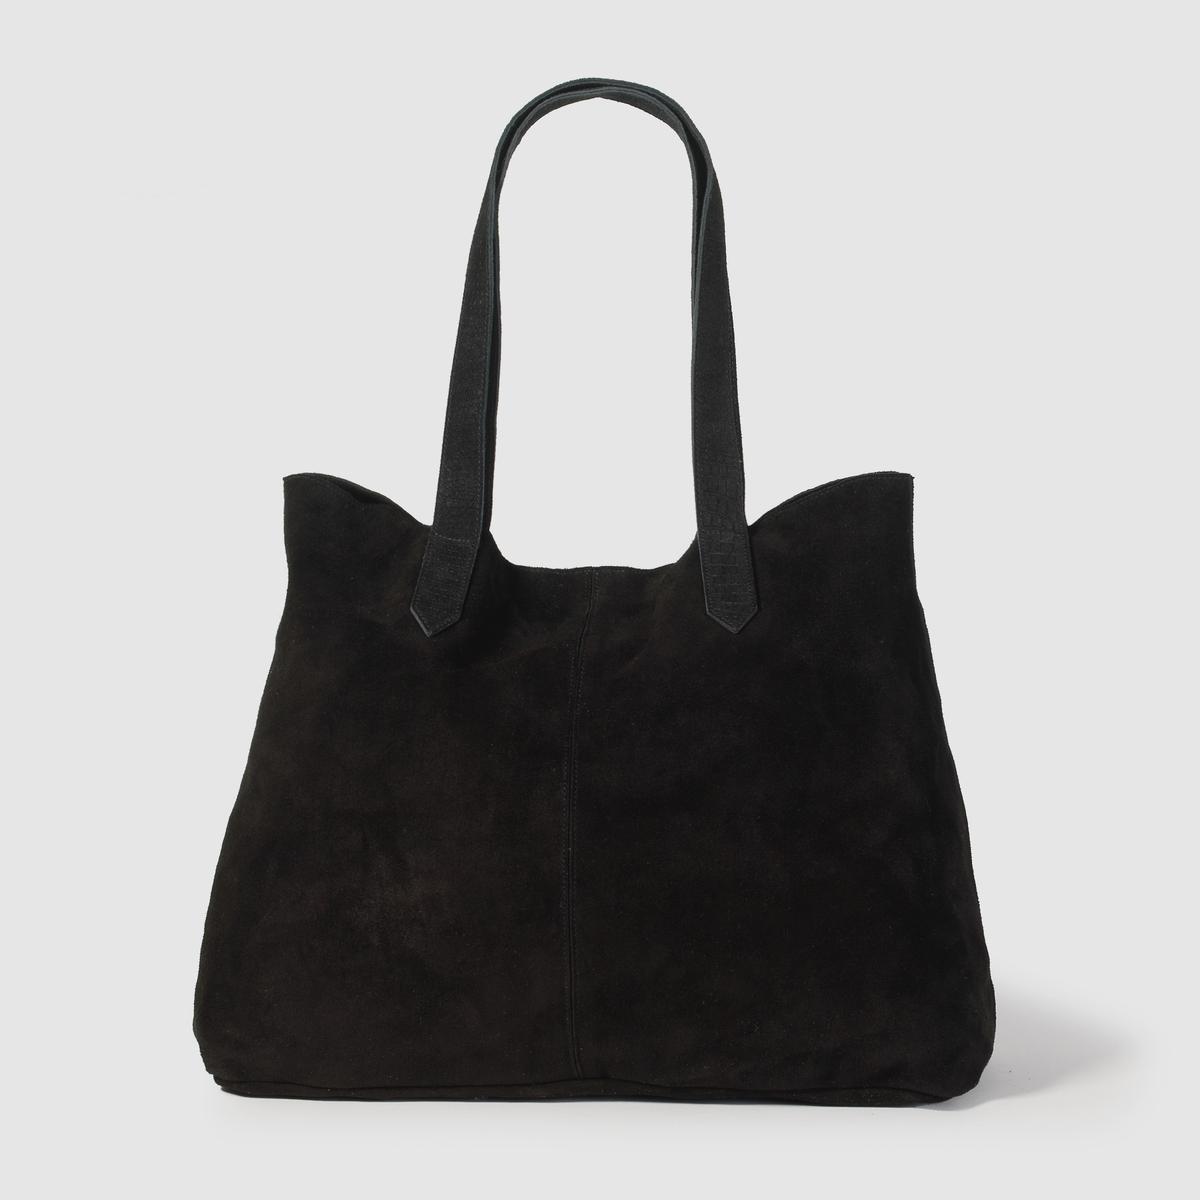 Сумка кожанаяПреимущества : кожаная сумка с 2 ручками из рельефной кожи.<br><br>Цвет: черный